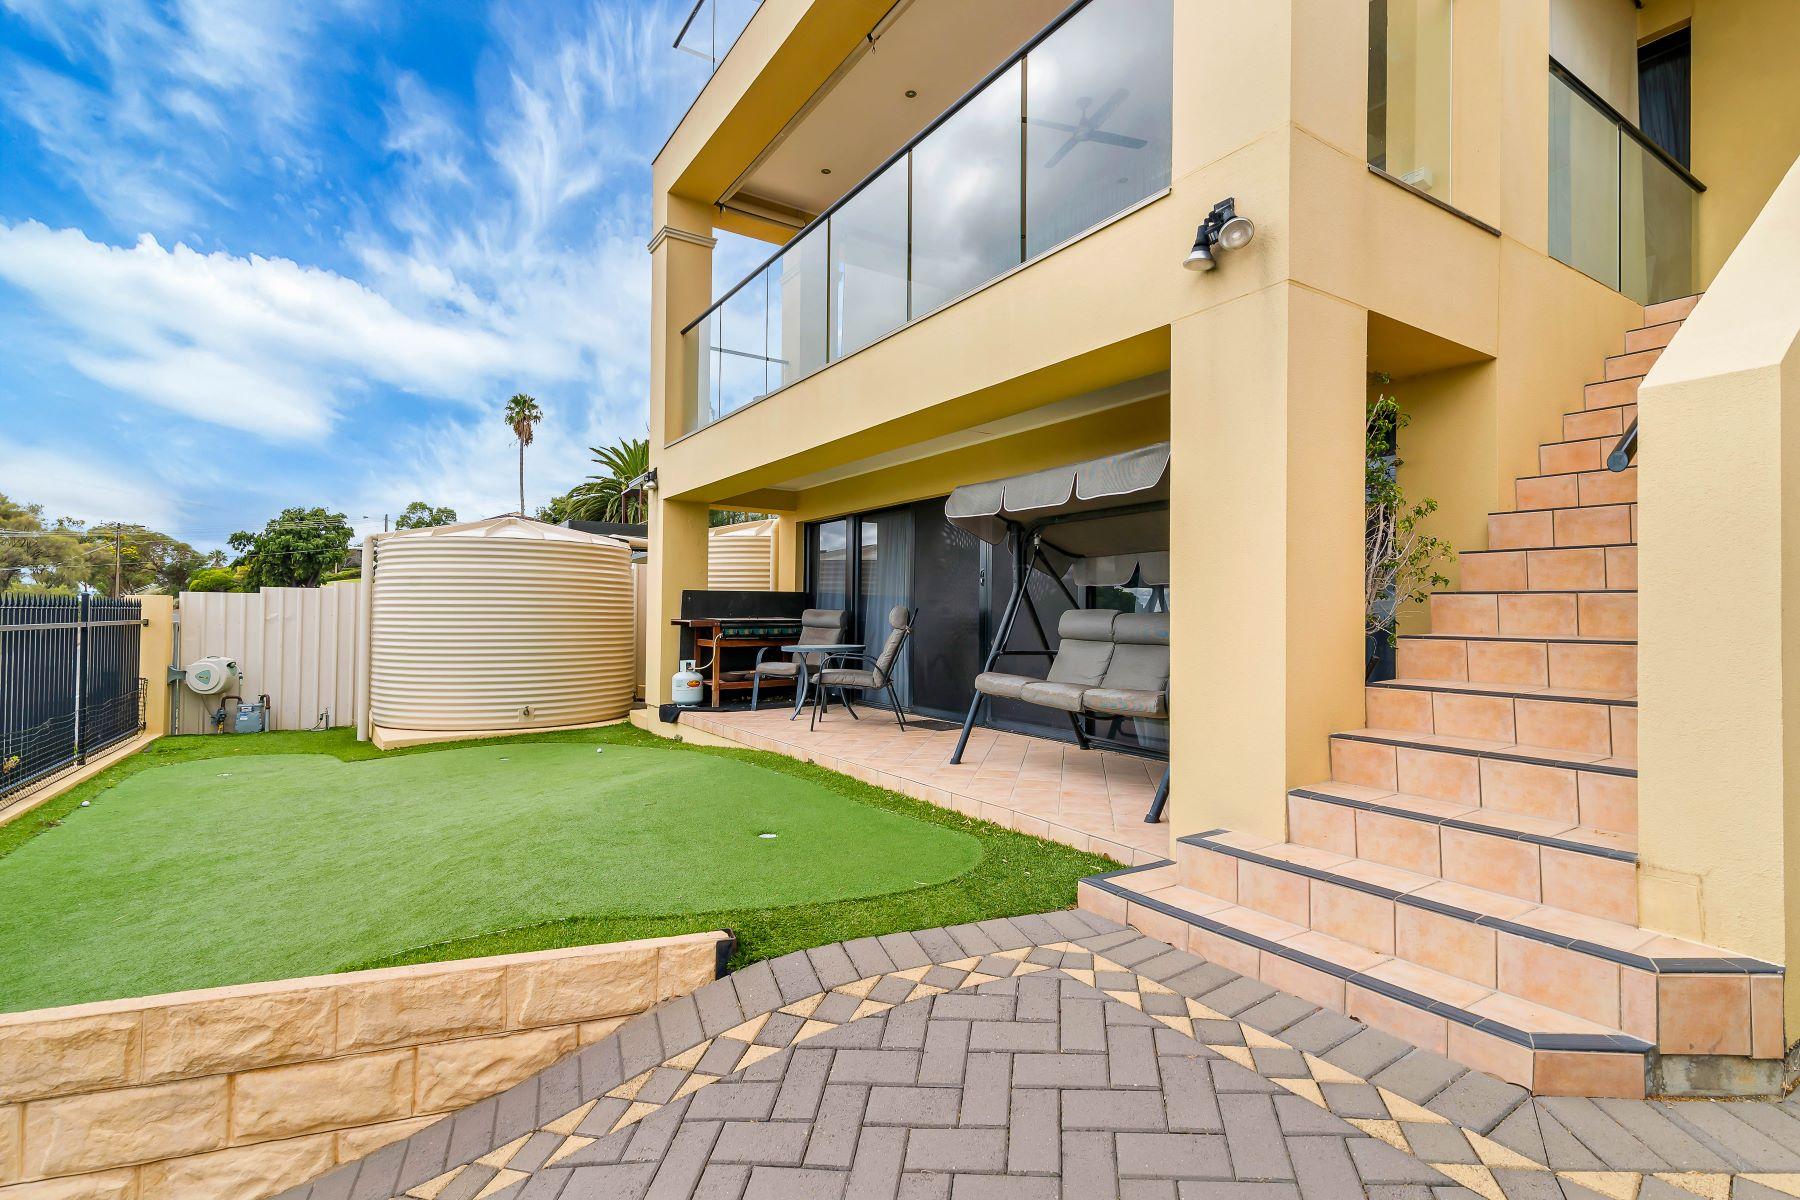 단독 가정 주택 용 매매 에 Grand Beachside Residence 34 Angus Cresent Other South Australia, South Australia, 5049 오스트레일리아